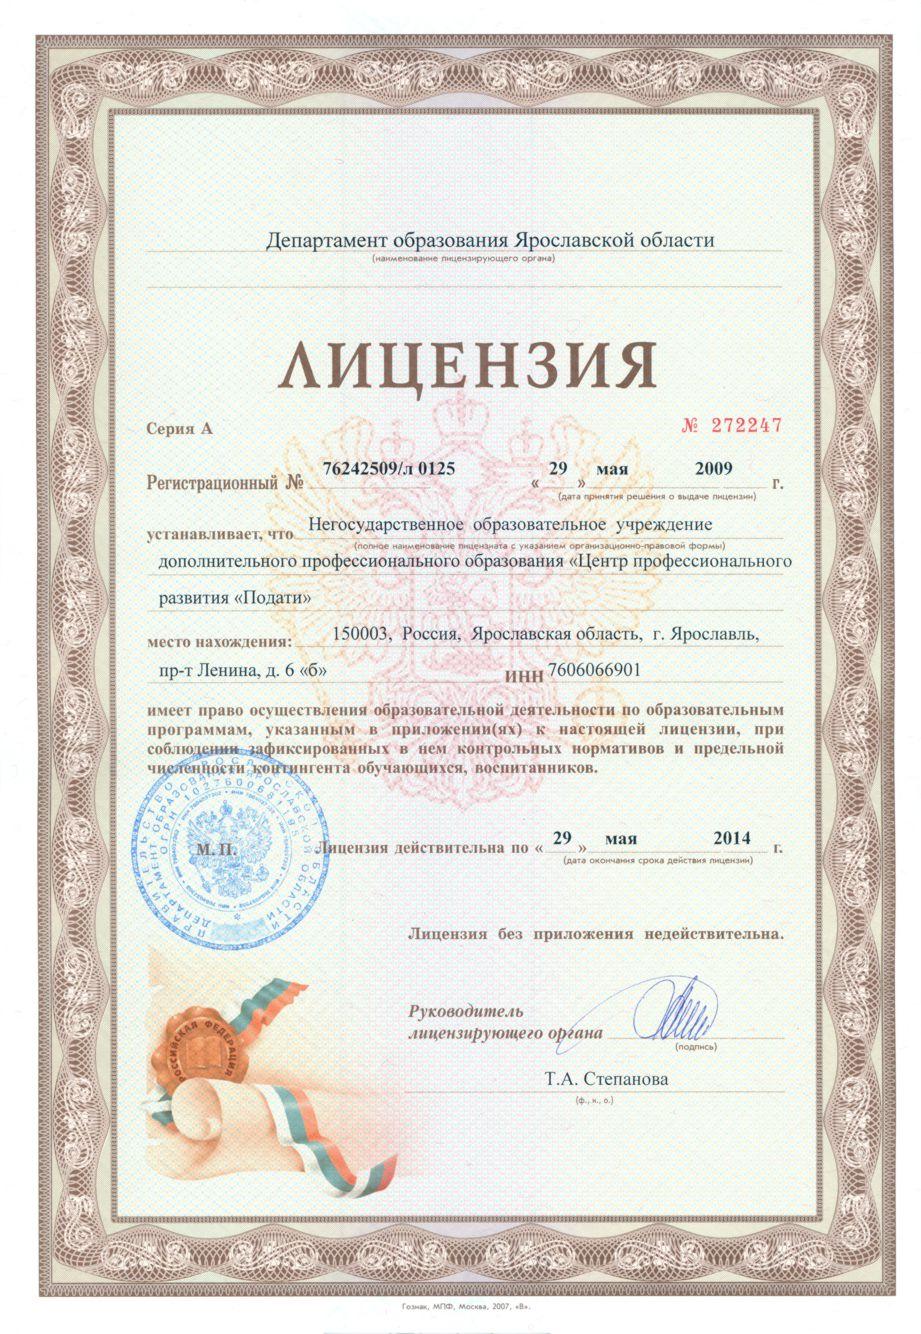 Как получить лицензию на образовательную деятельность